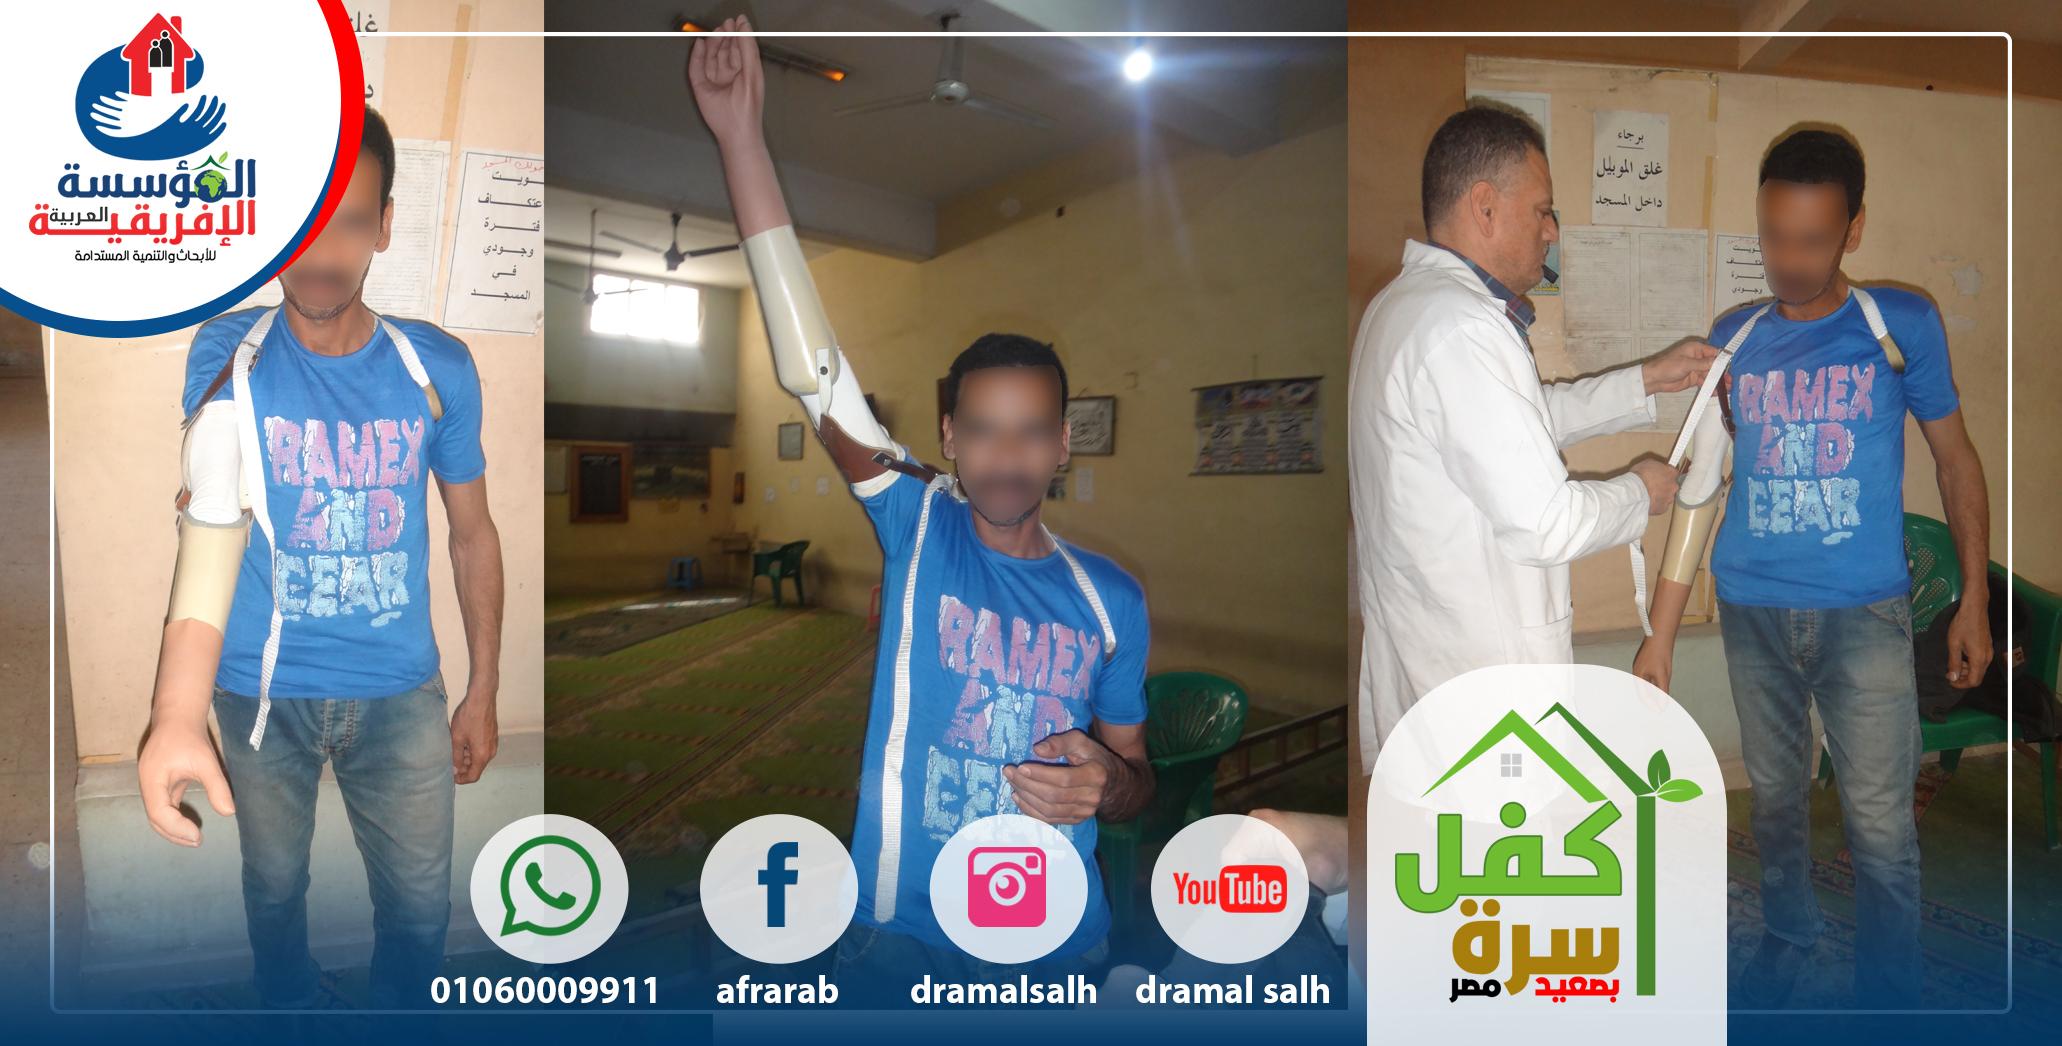 Photo of المؤسسة العربية الإفريقية ترسم البسمة على وجهه وتساعده للعوده للعمل مرة أخرى